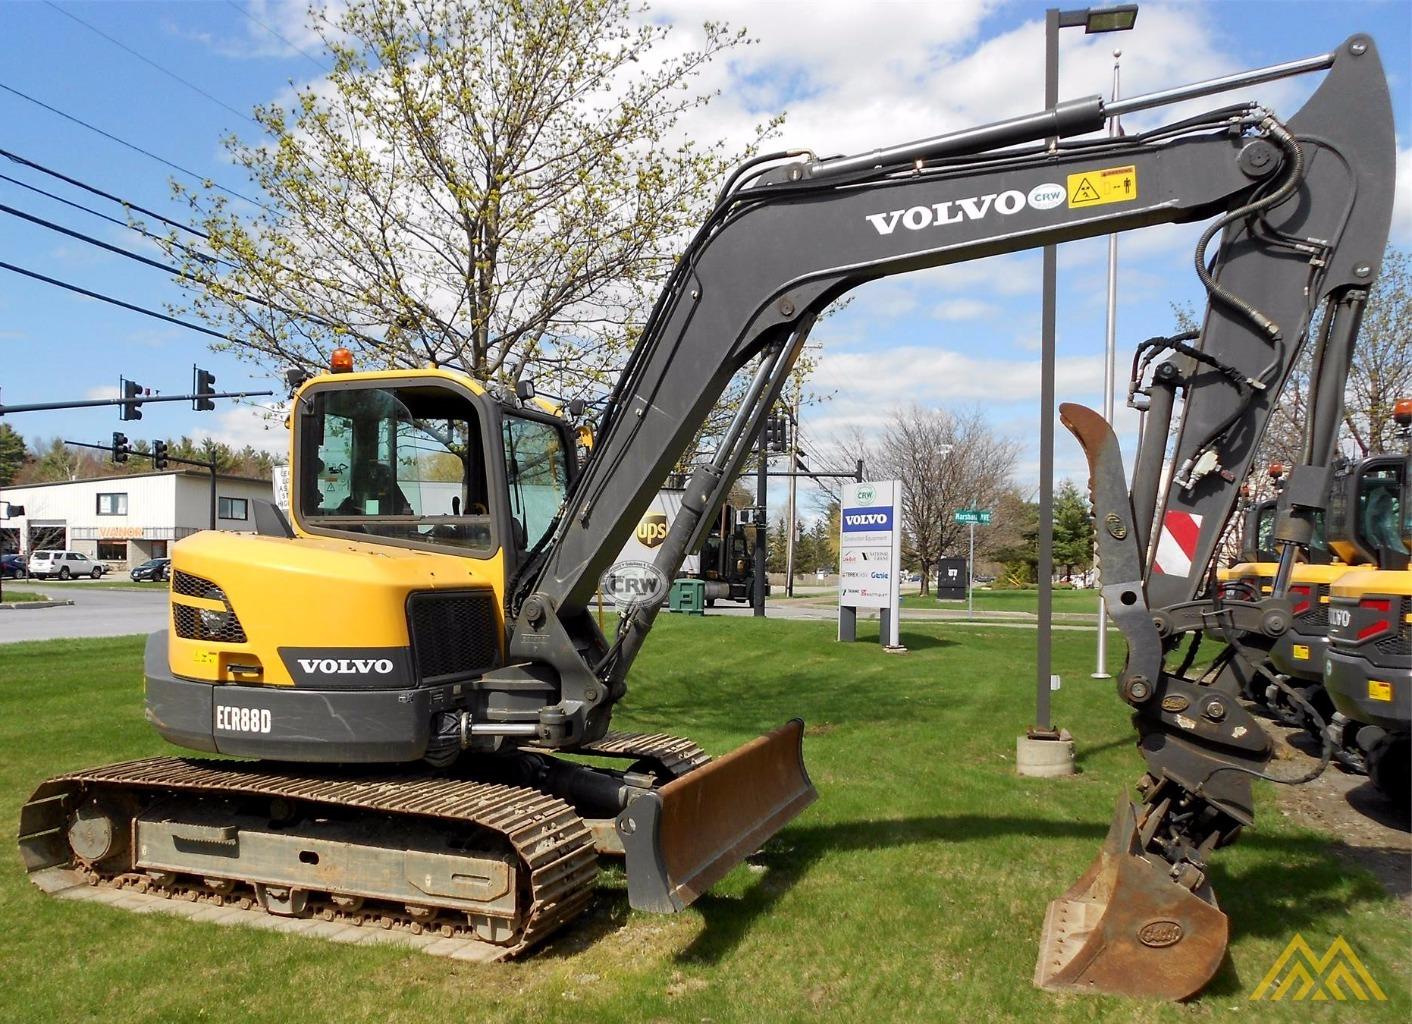 Volvo ECR88D Compact Excavator 0